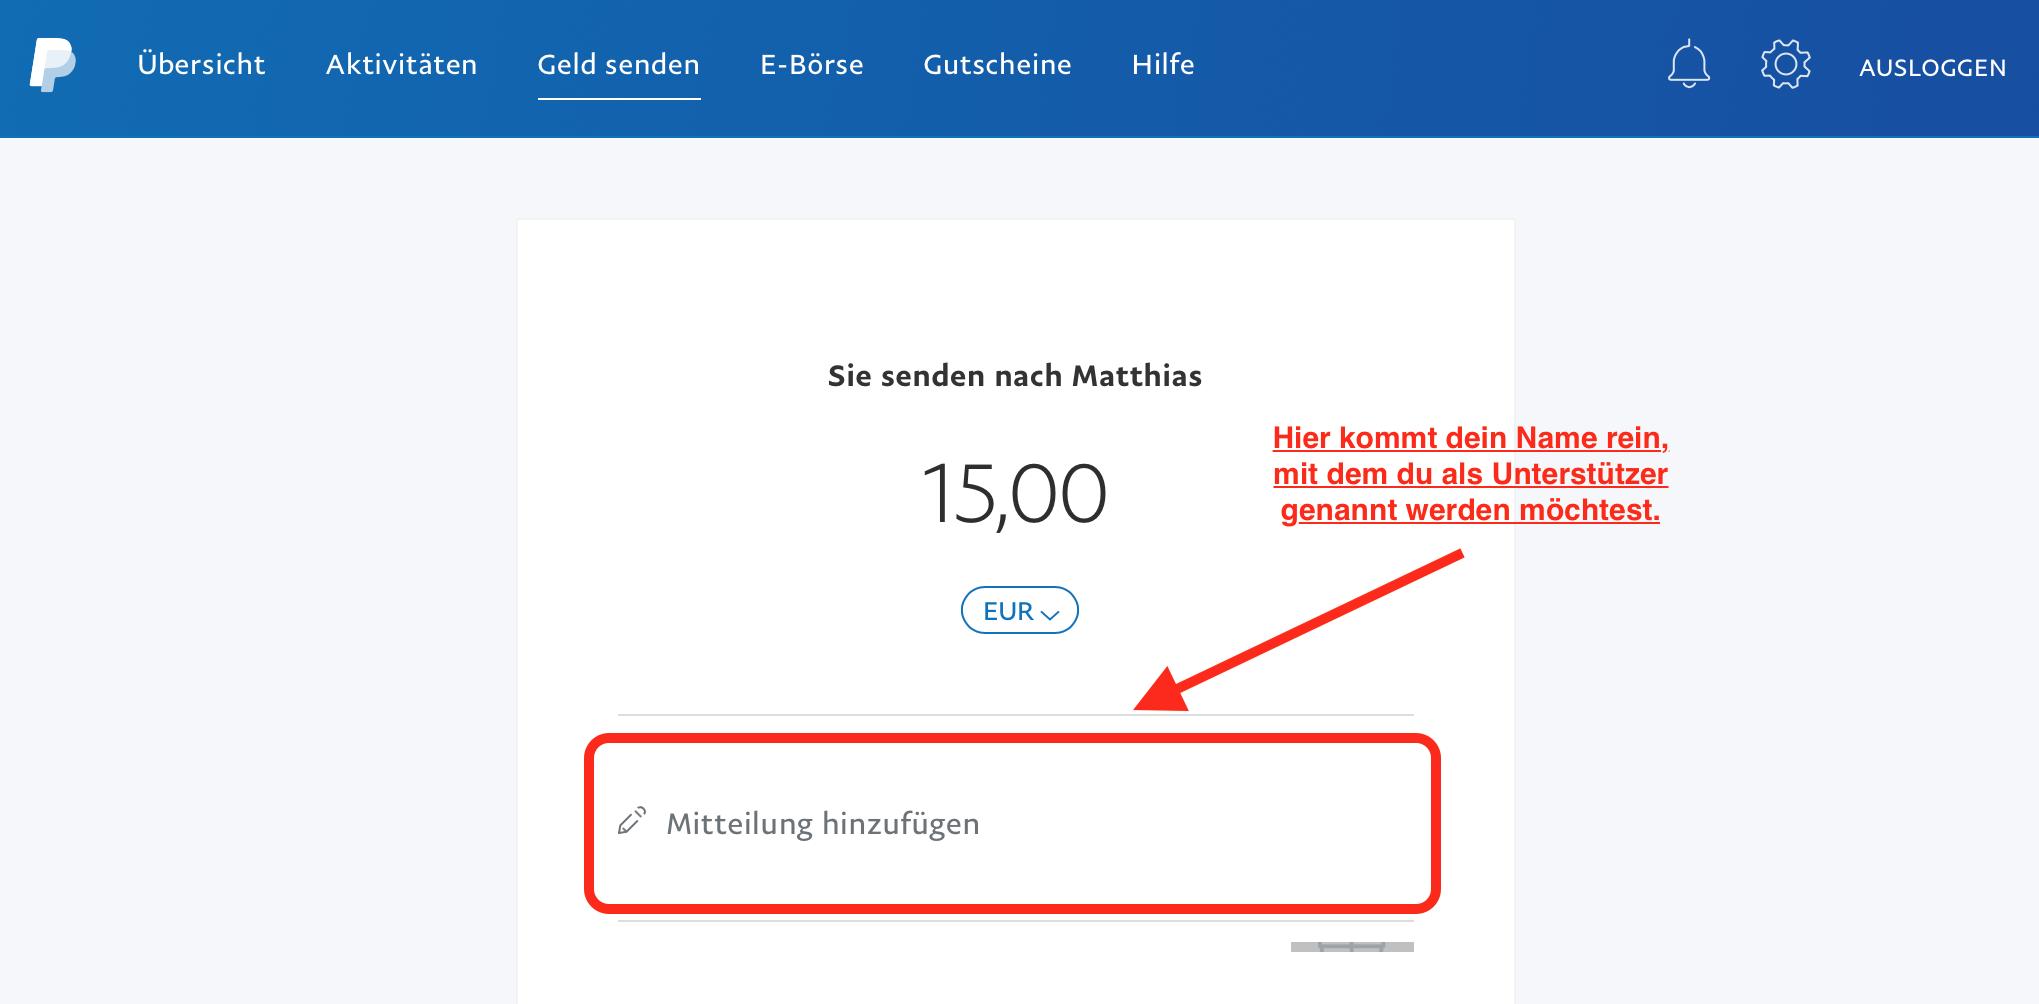 """PayPal-Blog-App-Version-2-Unterstützer-e1563272235985 Die App-Version 2.0 von """"matthias-petrat.com"""" kommt und du darfst mitwirken!"""